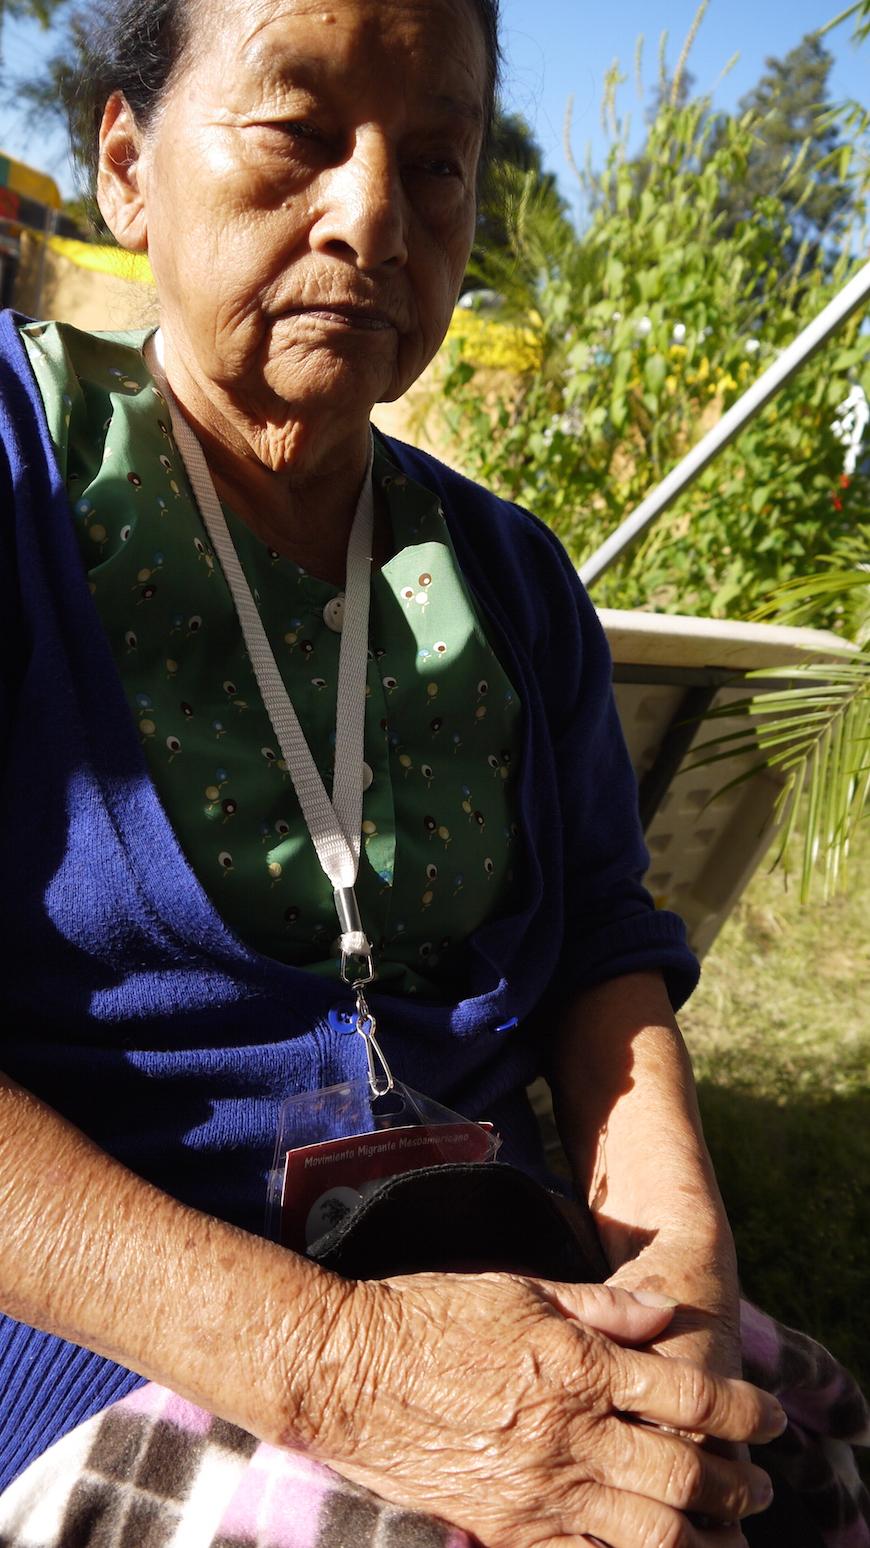 Josefina Ventura, la mujer más mayor de la caravana, acude a institutos salvadoreños a explicar a los más jóvenes los peligros de emigrar -  Soraya González Guerrero